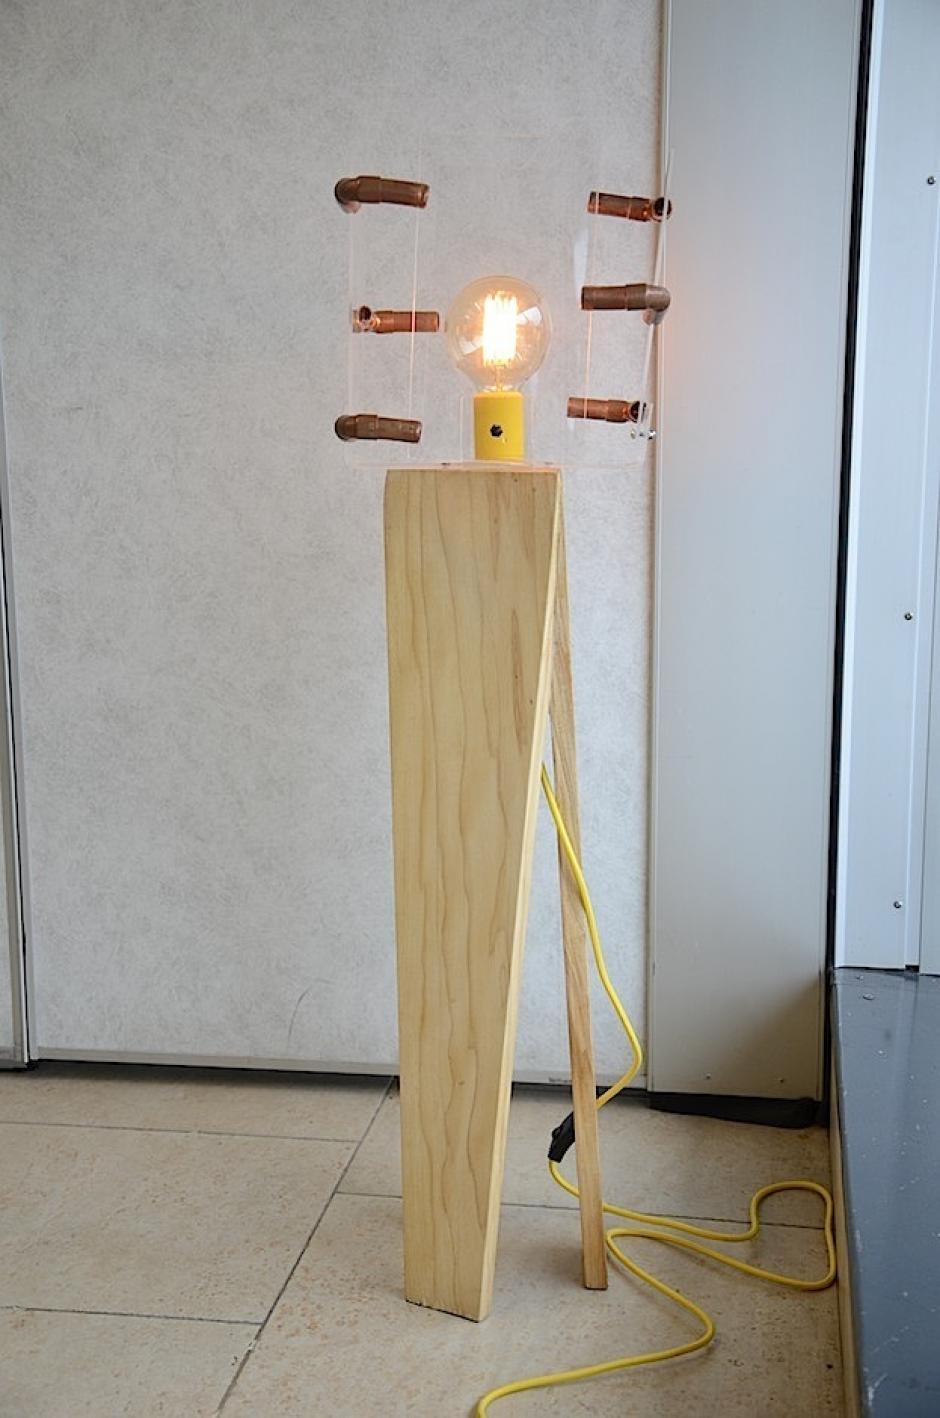 Esta es una lámpara inspirada en una cámara fotográfica. (Foto: Selene mejía/Soy502)